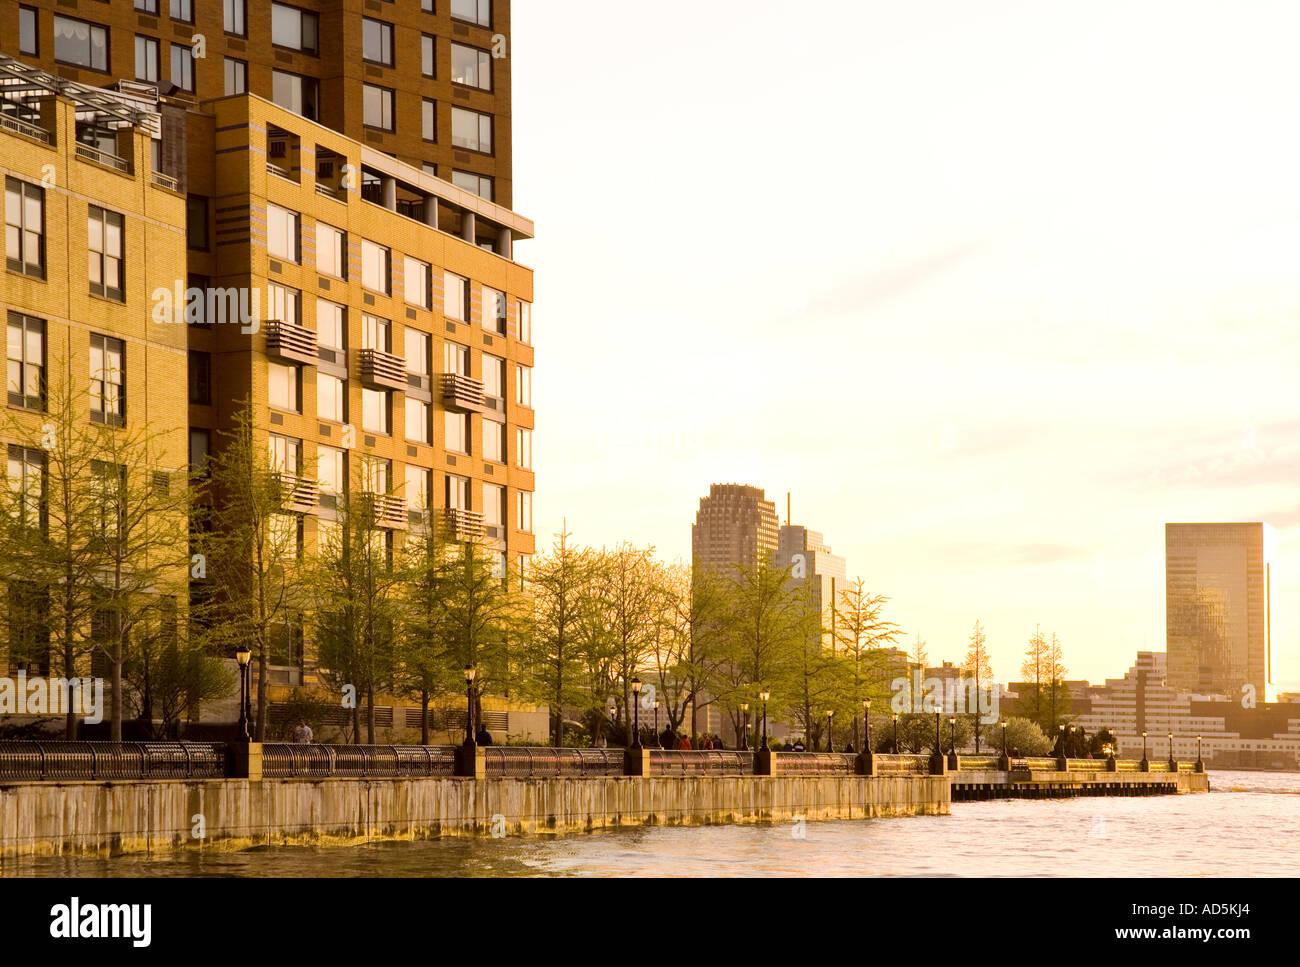 Tribeca Battery Park Eigentumswohnung Wohnungen am Ufer des Hudson River Manhattan New York Stockbild